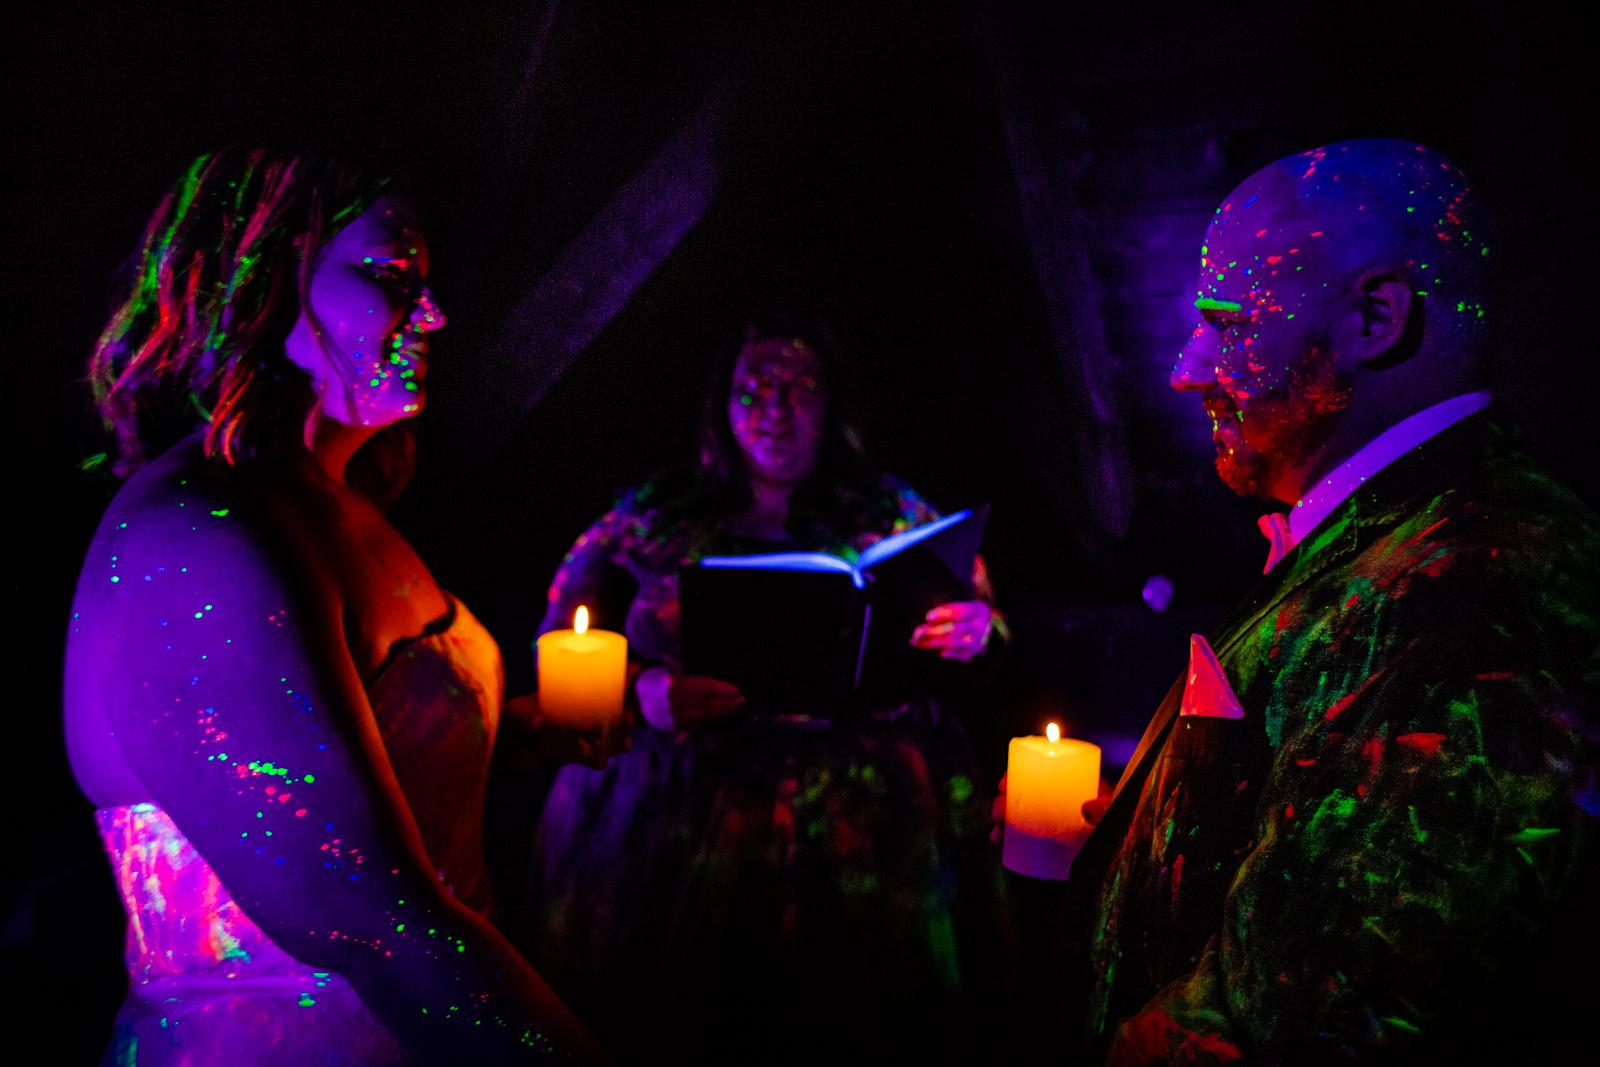 Freie Trauung von der Trautante Friederike Delong bei einer Schwarzlicht Hochzeit im Wald fotografiert von Hochzeitsfotograf Steven Herrschaft aus Wiesbaden